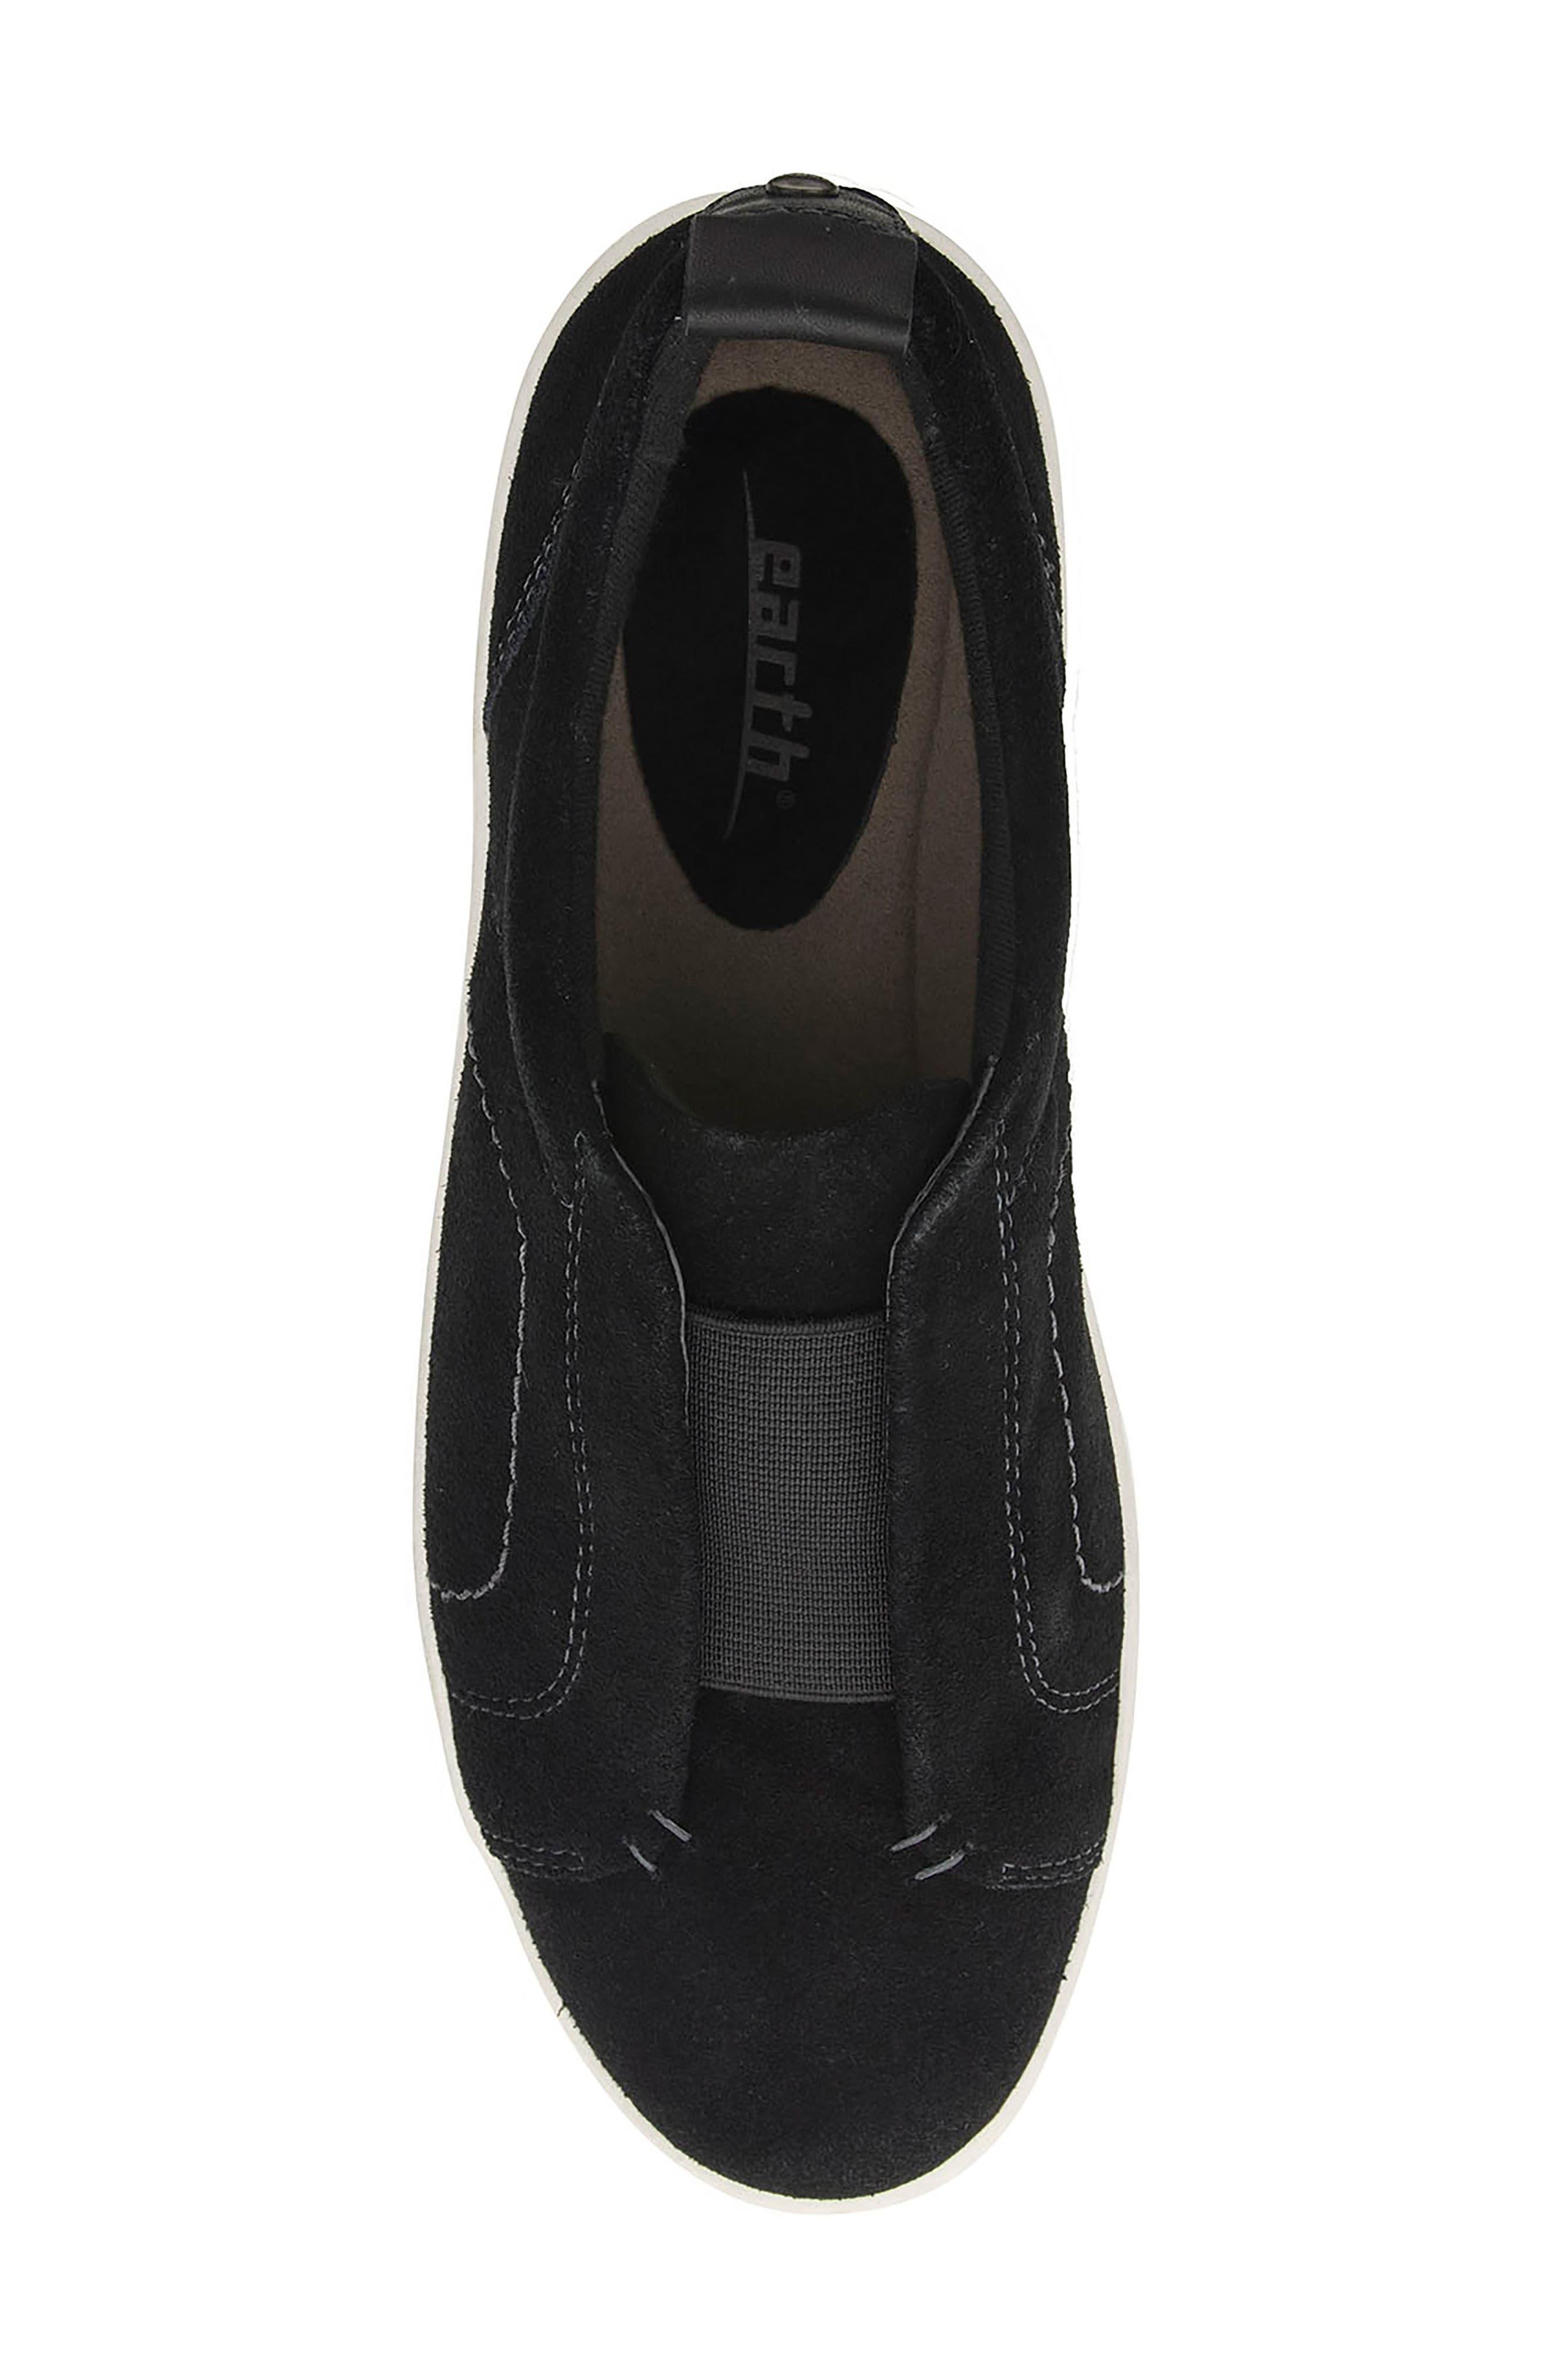 Zetta Slip-On Sneaker,                             Alternate thumbnail 5, color,                             003